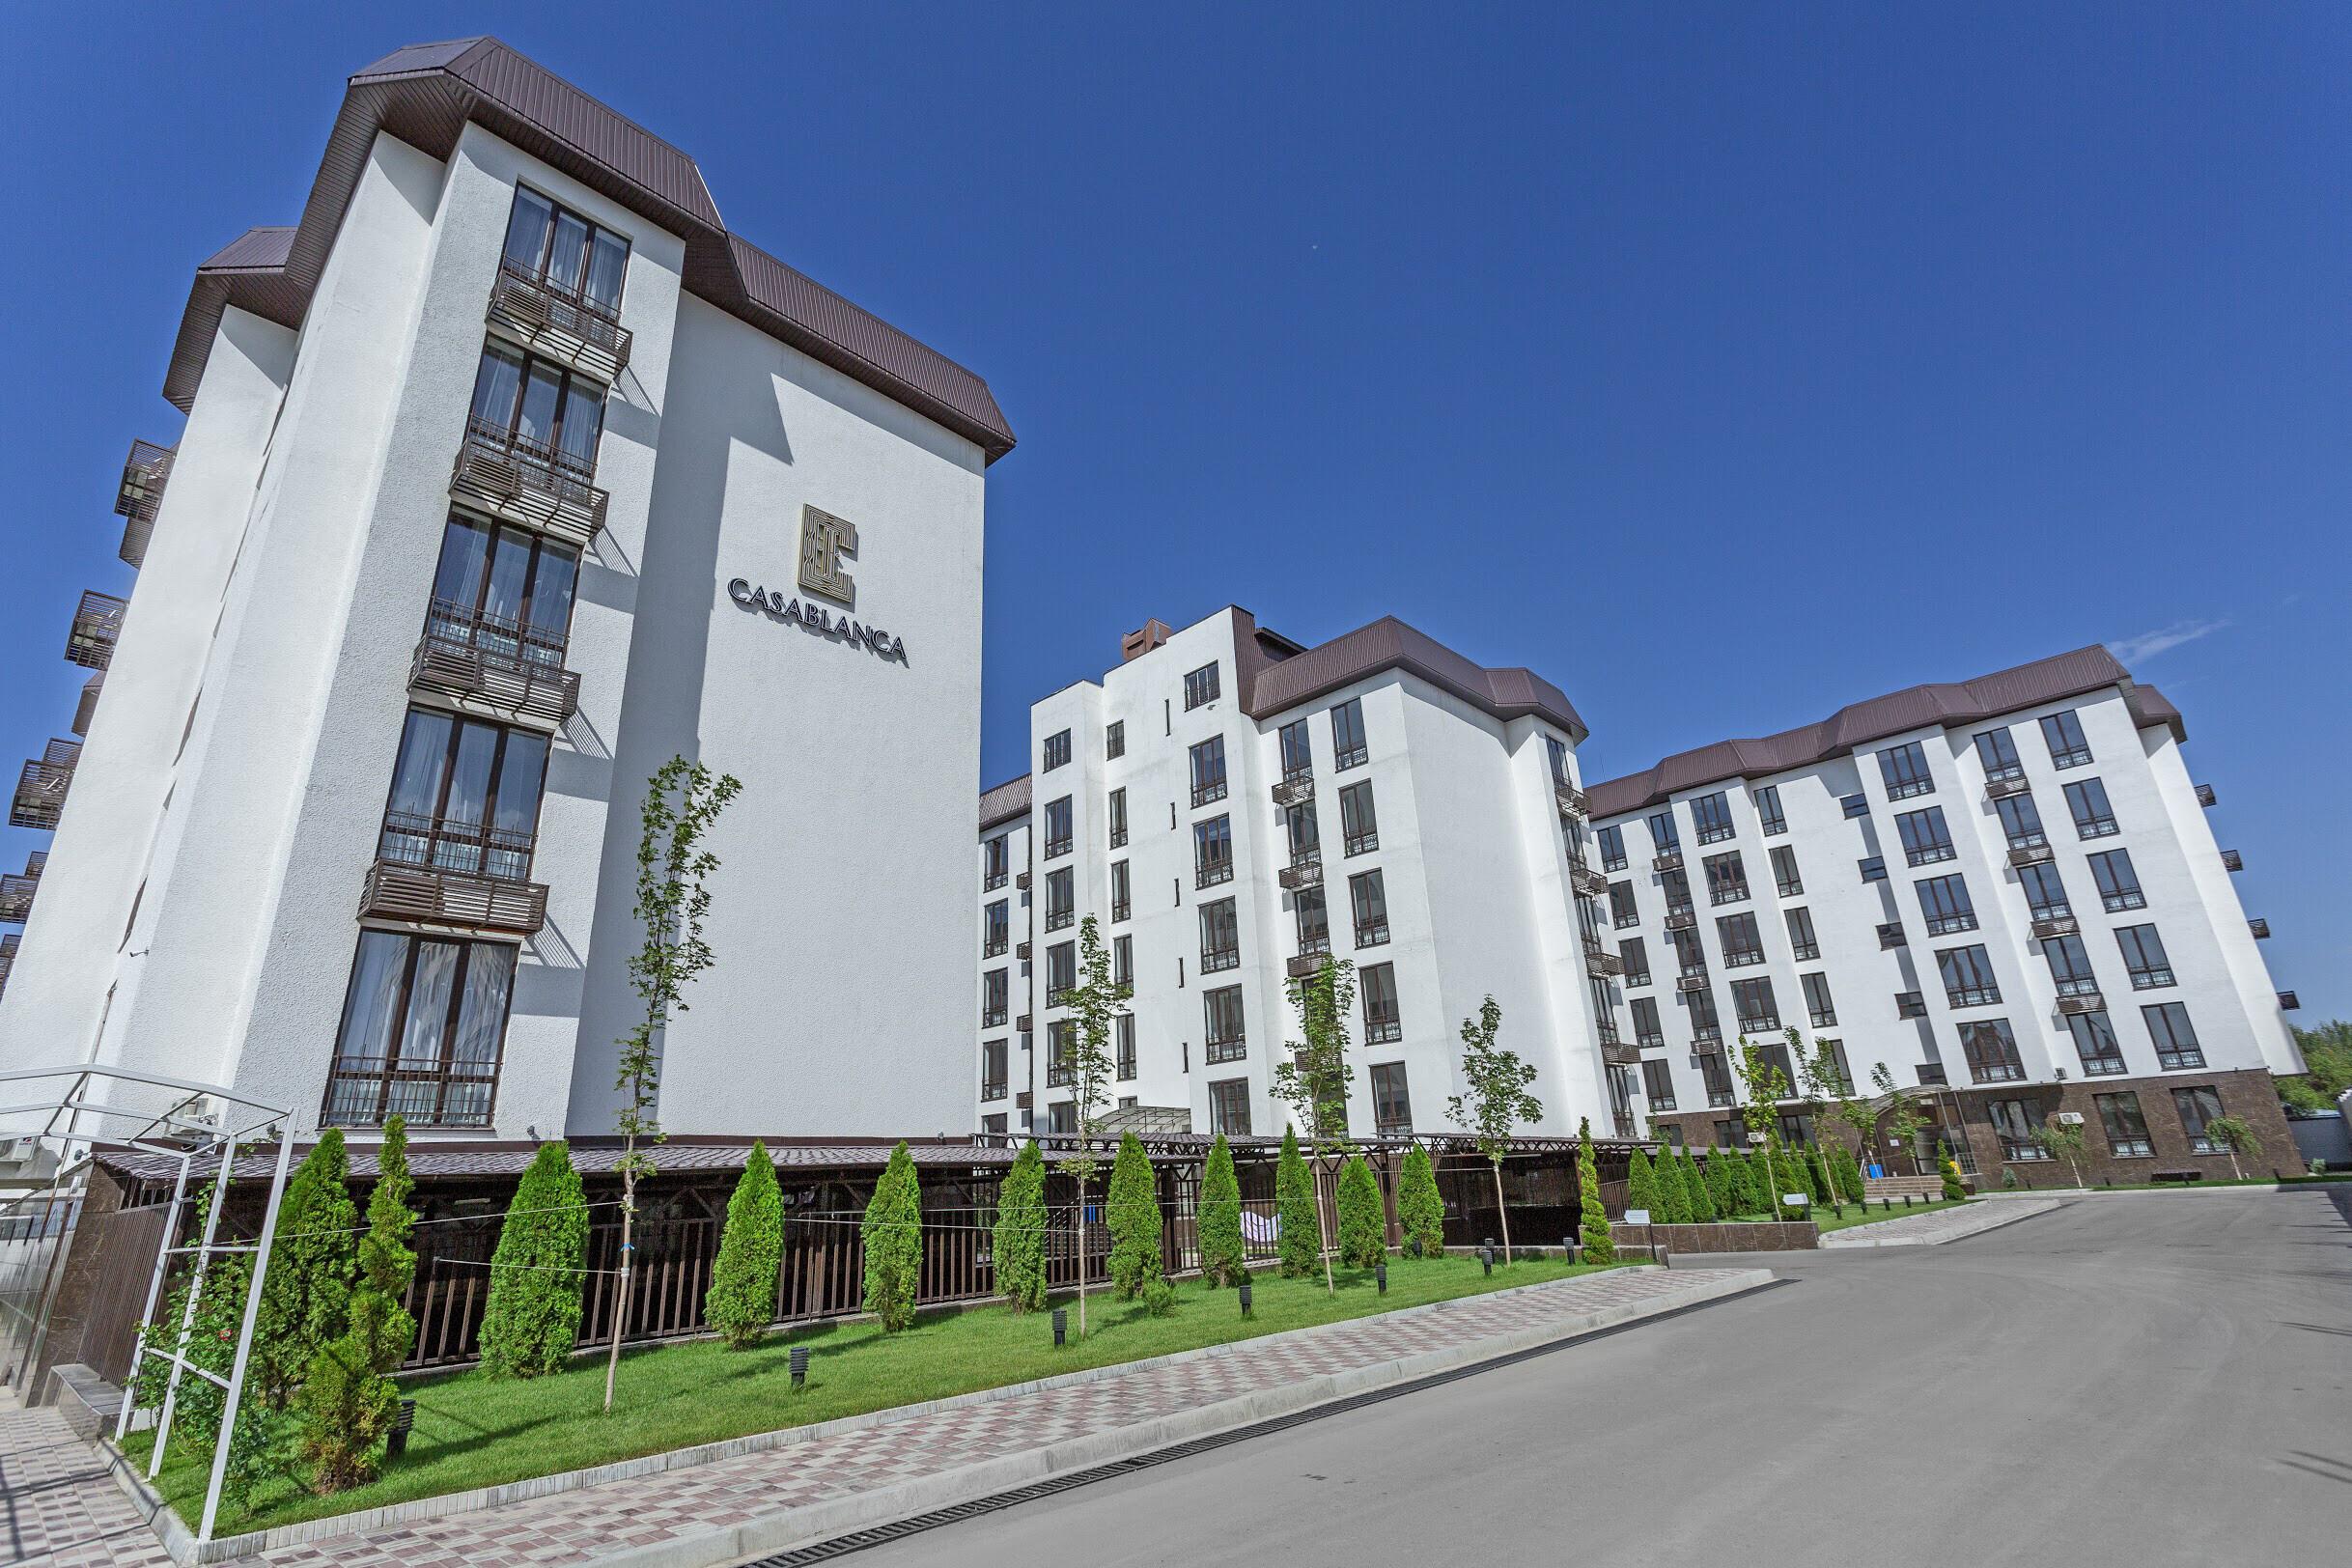 Casablanca Apart Hotel - Бизнес-профиль компании на lalafo.kg | Кыргызстан